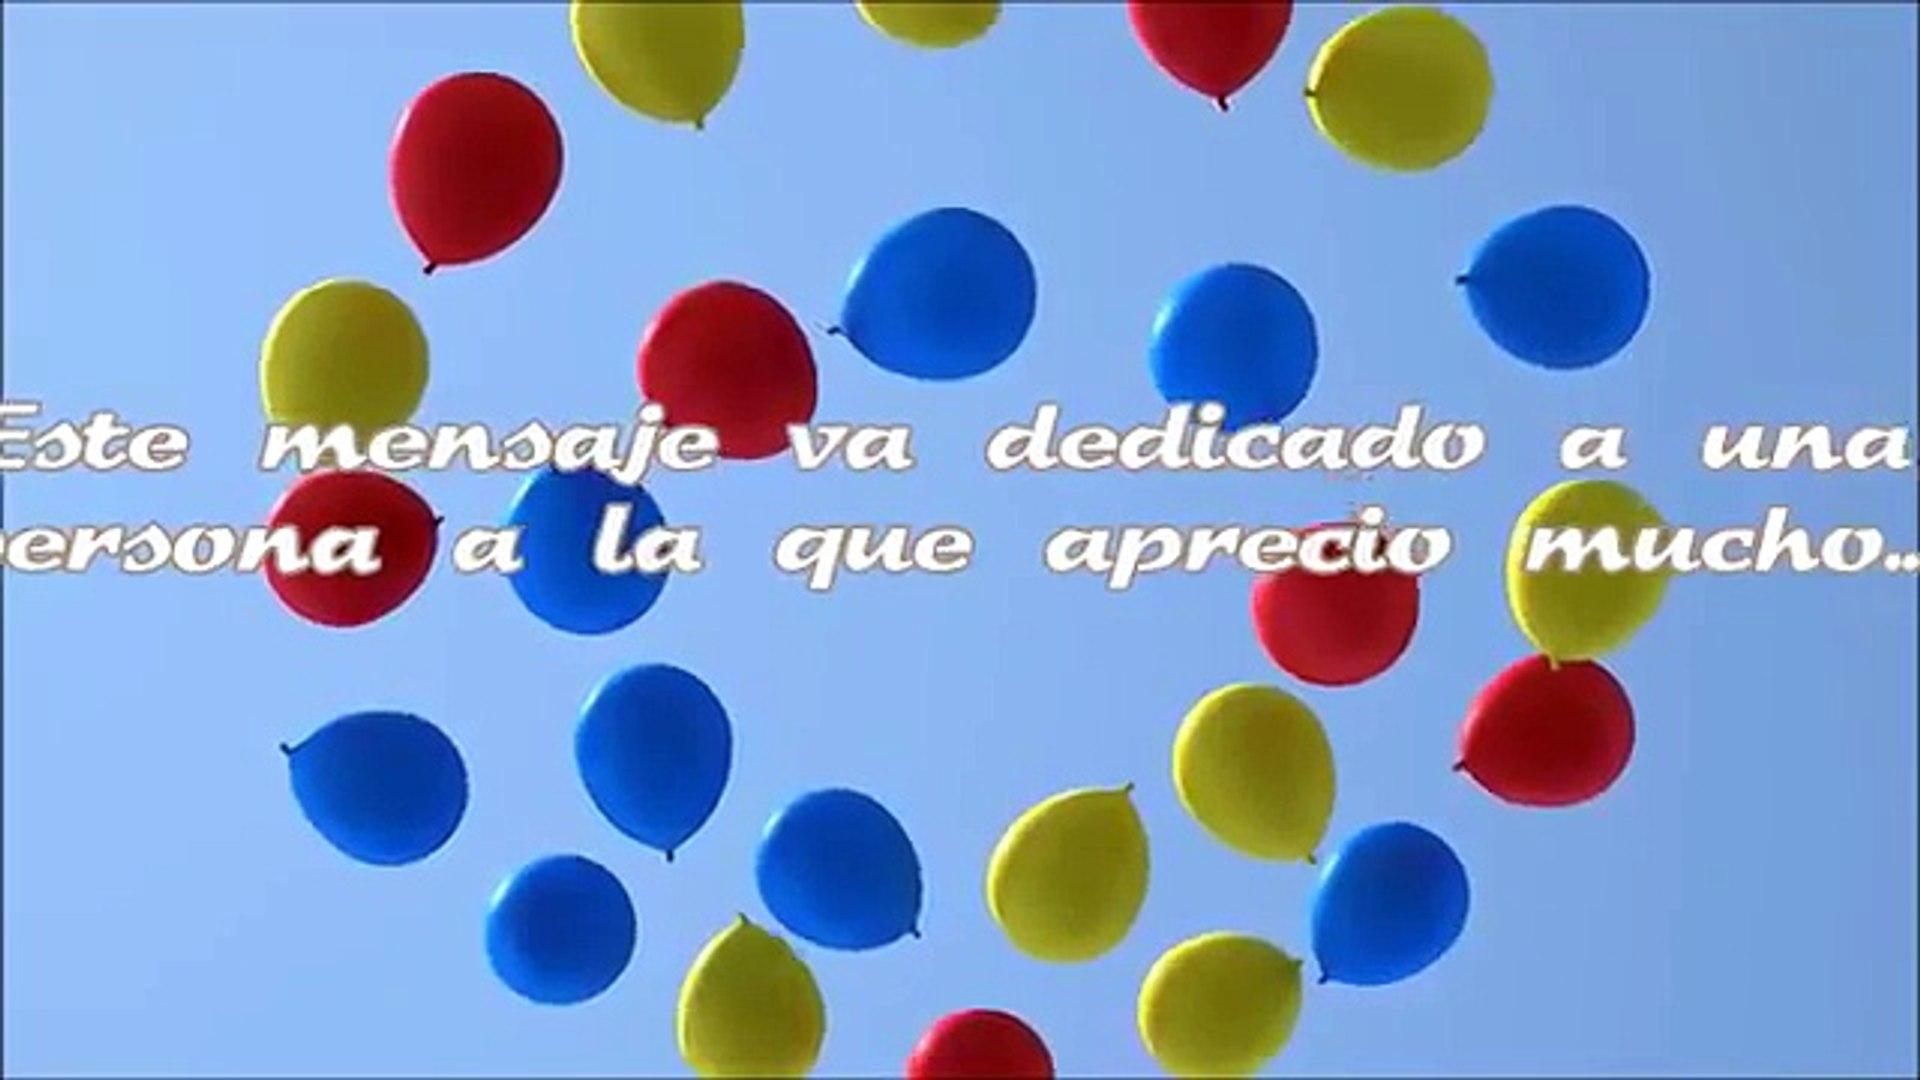 Cancion Cumpleanos Feliz Original En Espanol.Feliz Cumpleanos Felicitacion De Cumpleanos Original Para Dedicar Cancion Cumpleanos Feliz